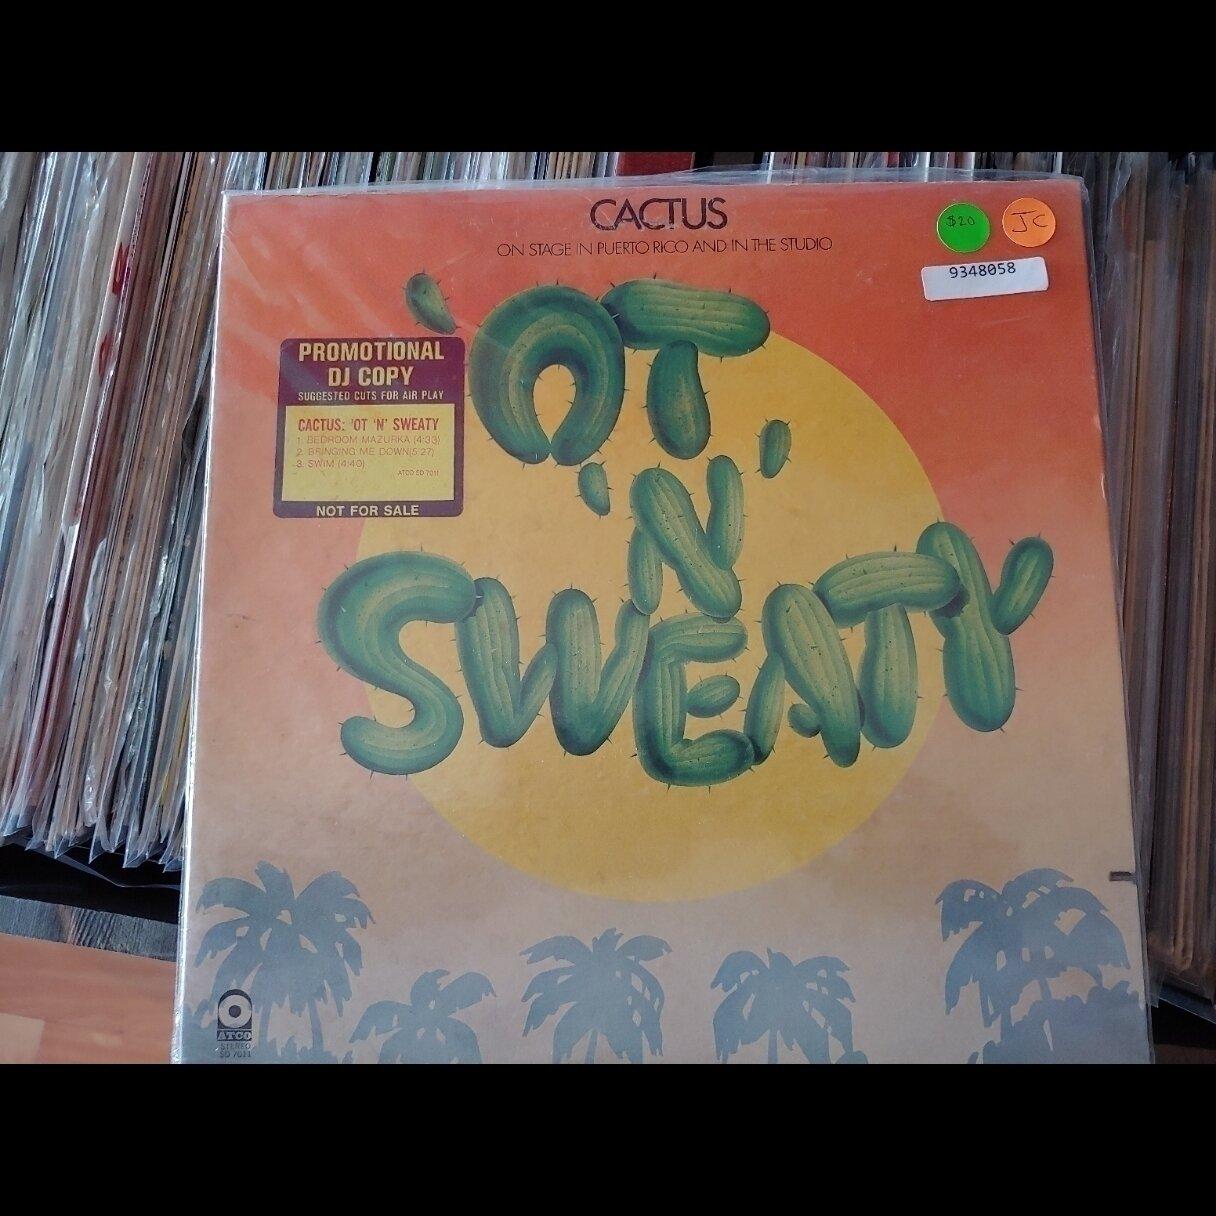 Cactus - 'Ot N' Sweaty